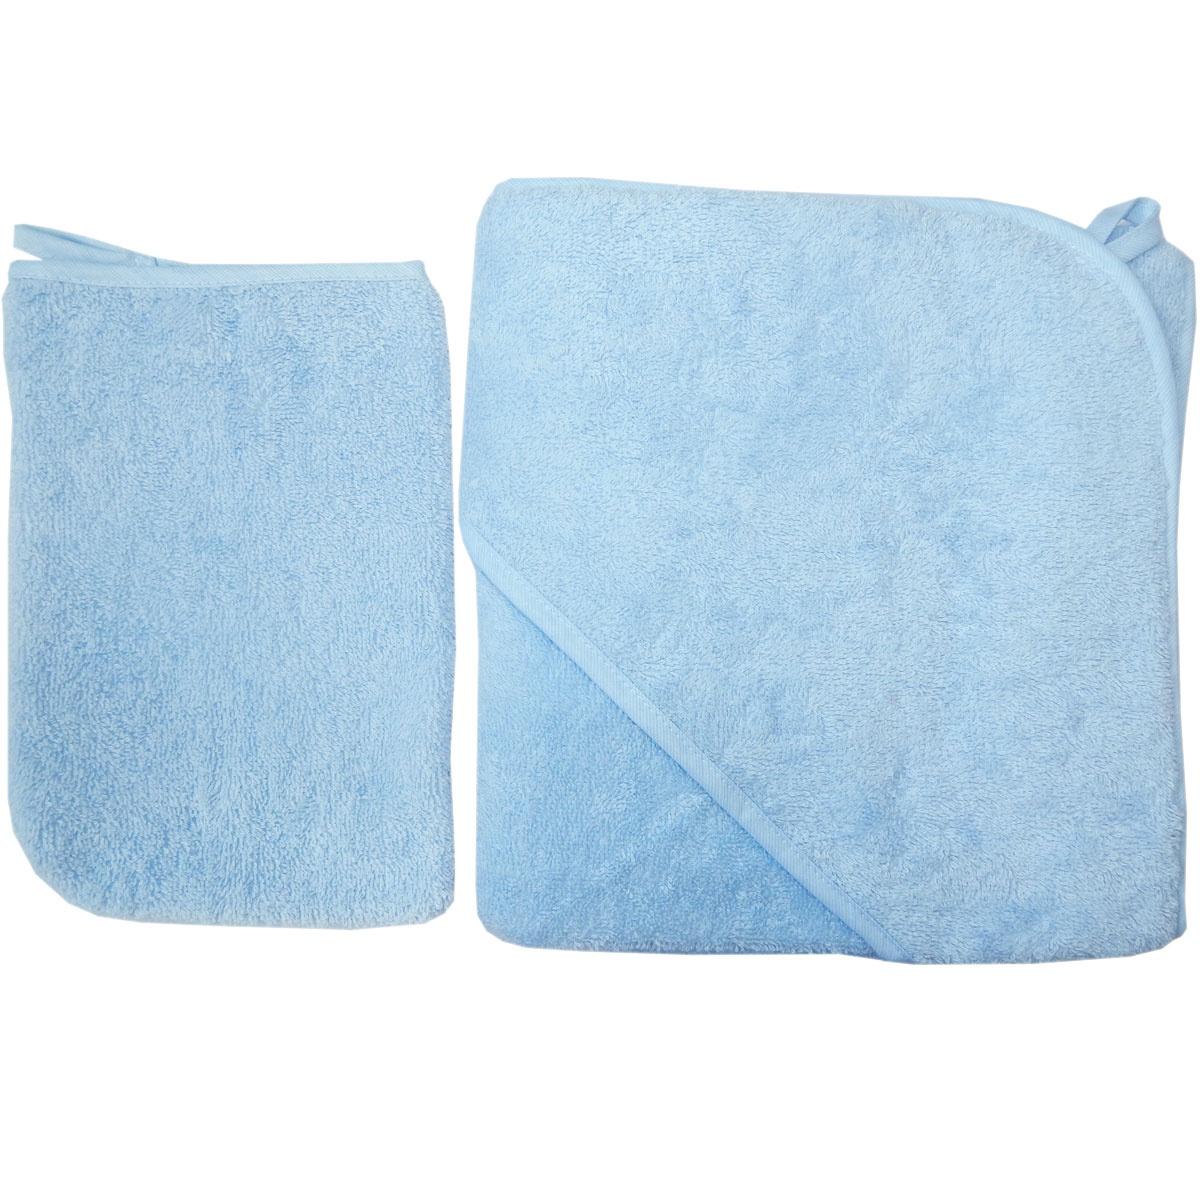 круги для купания Комплект для купания Набор для купания 2 предмета 75х80 Голубой 3015, голубой